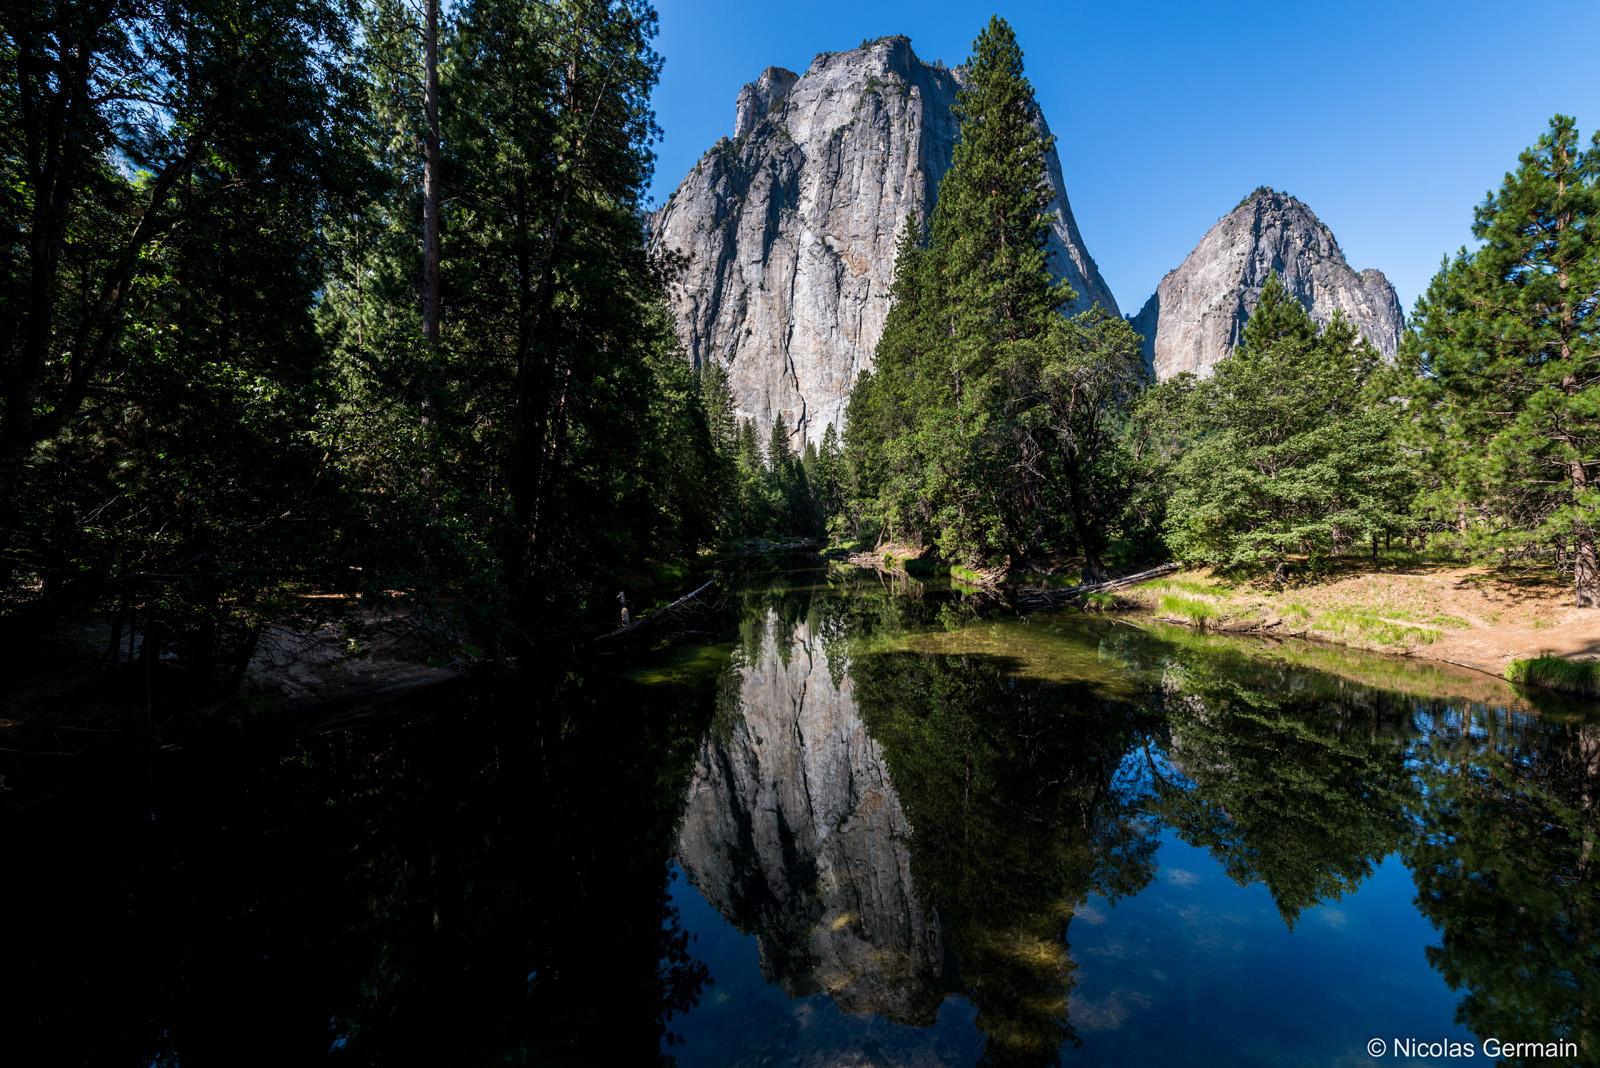 Une falaise de Yosemite se reflète dans la rivière Merced, Californie